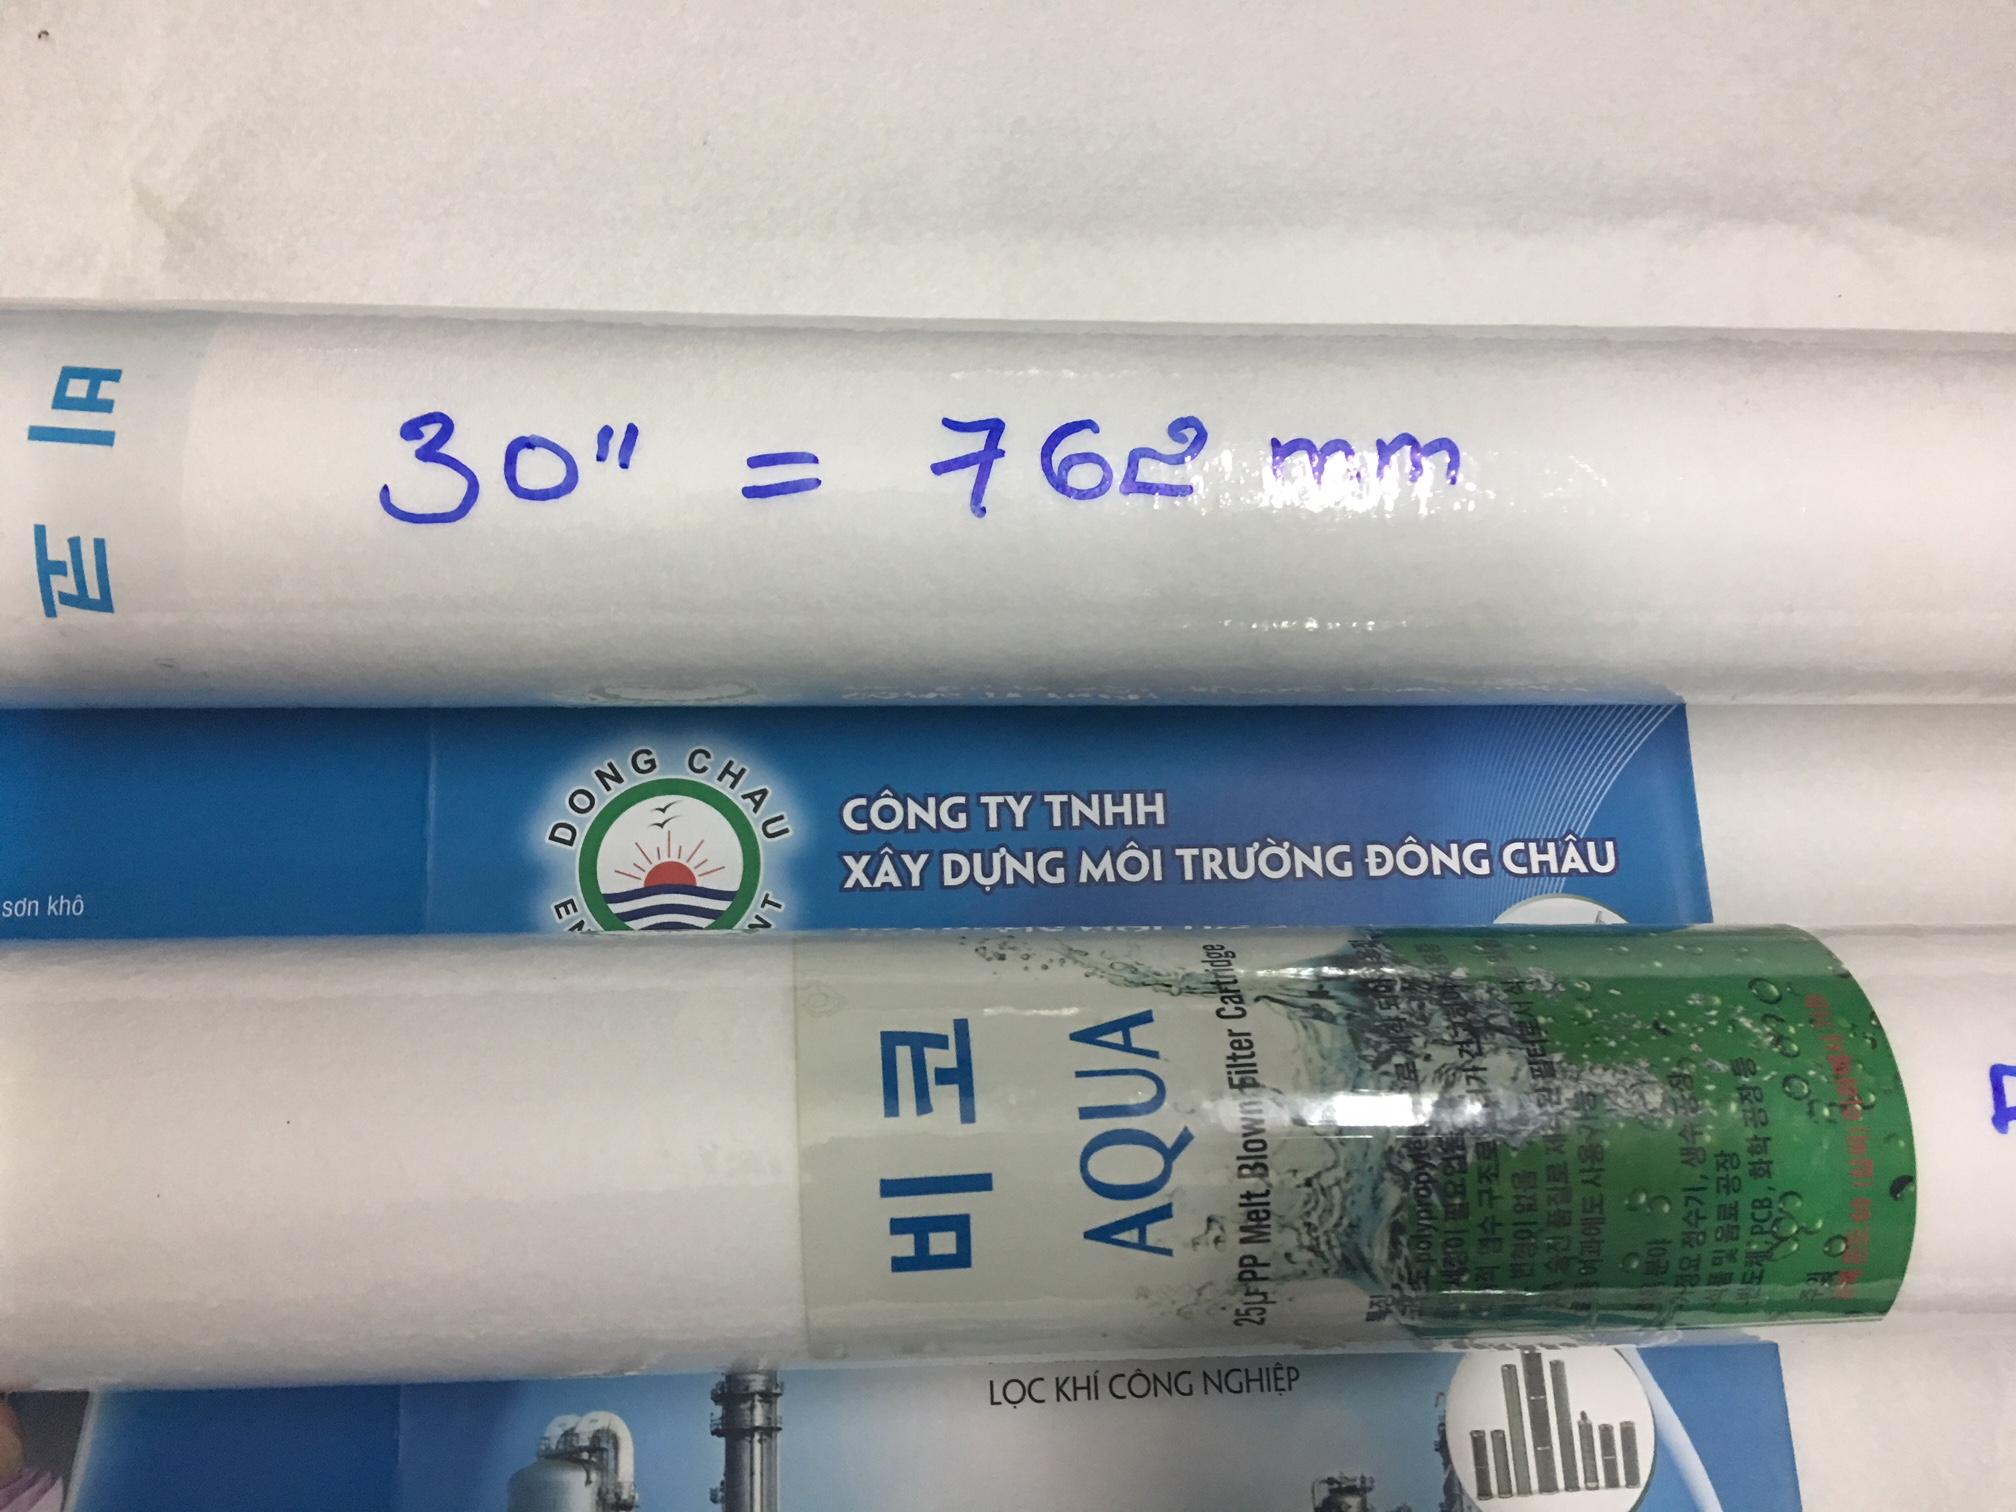 Lõi Lọc Nén 0.5 Micron 30 Inch BDM Aqua Hàn Quốc